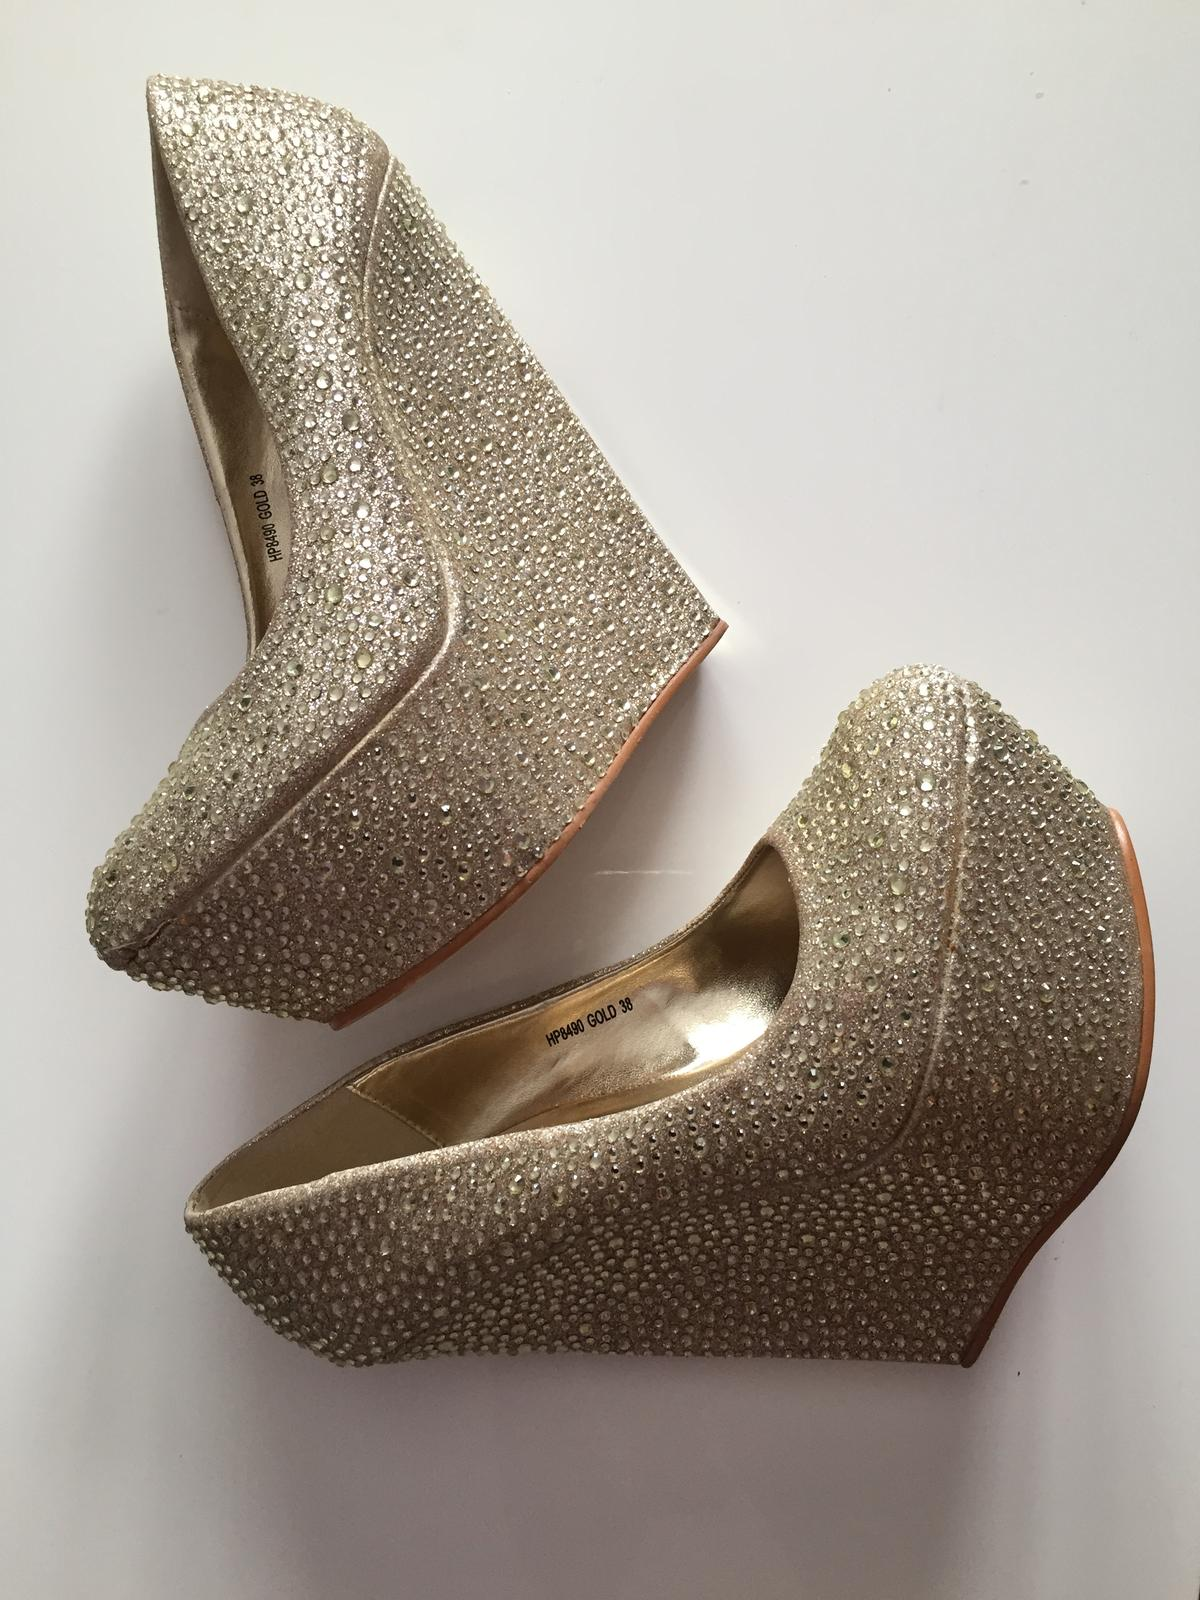 1bac4ad50ec81 Extravagantné topánky na platforme, 38 - 20 € od predávajúcej emeli124 |  Detský bazár | ModryKonik.sk